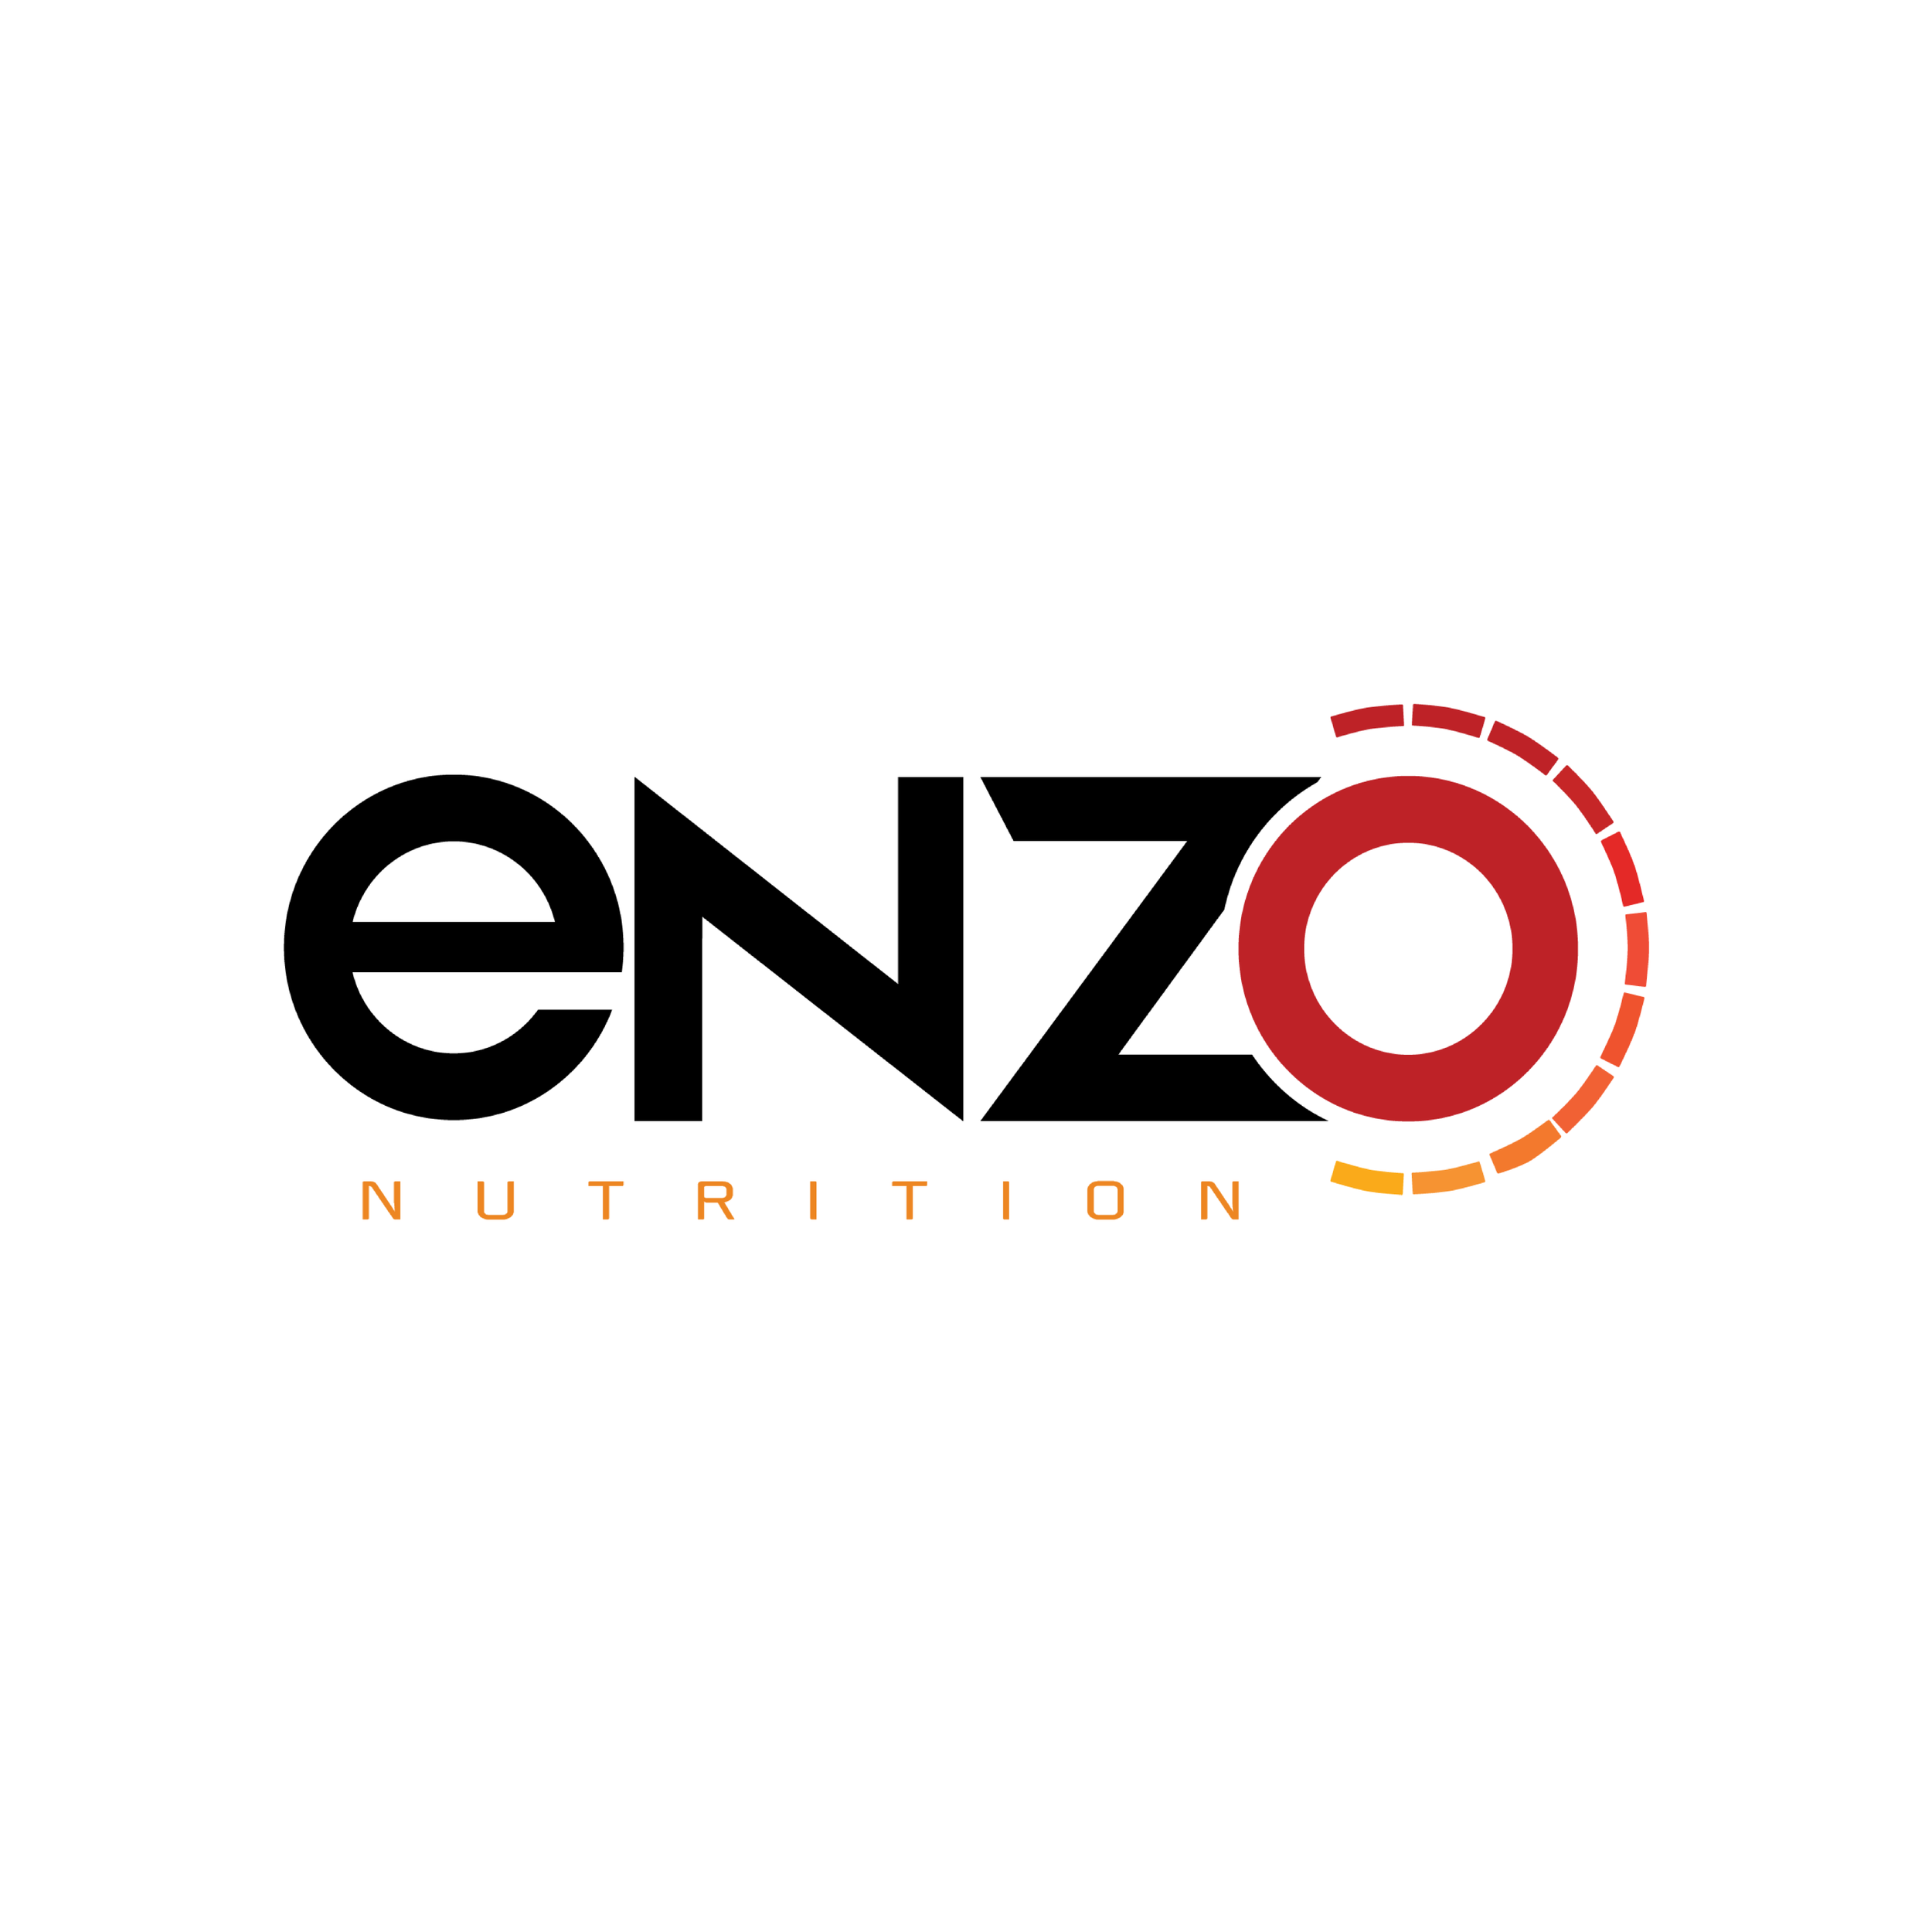 EnzoNutrition(logo-website)-01.png